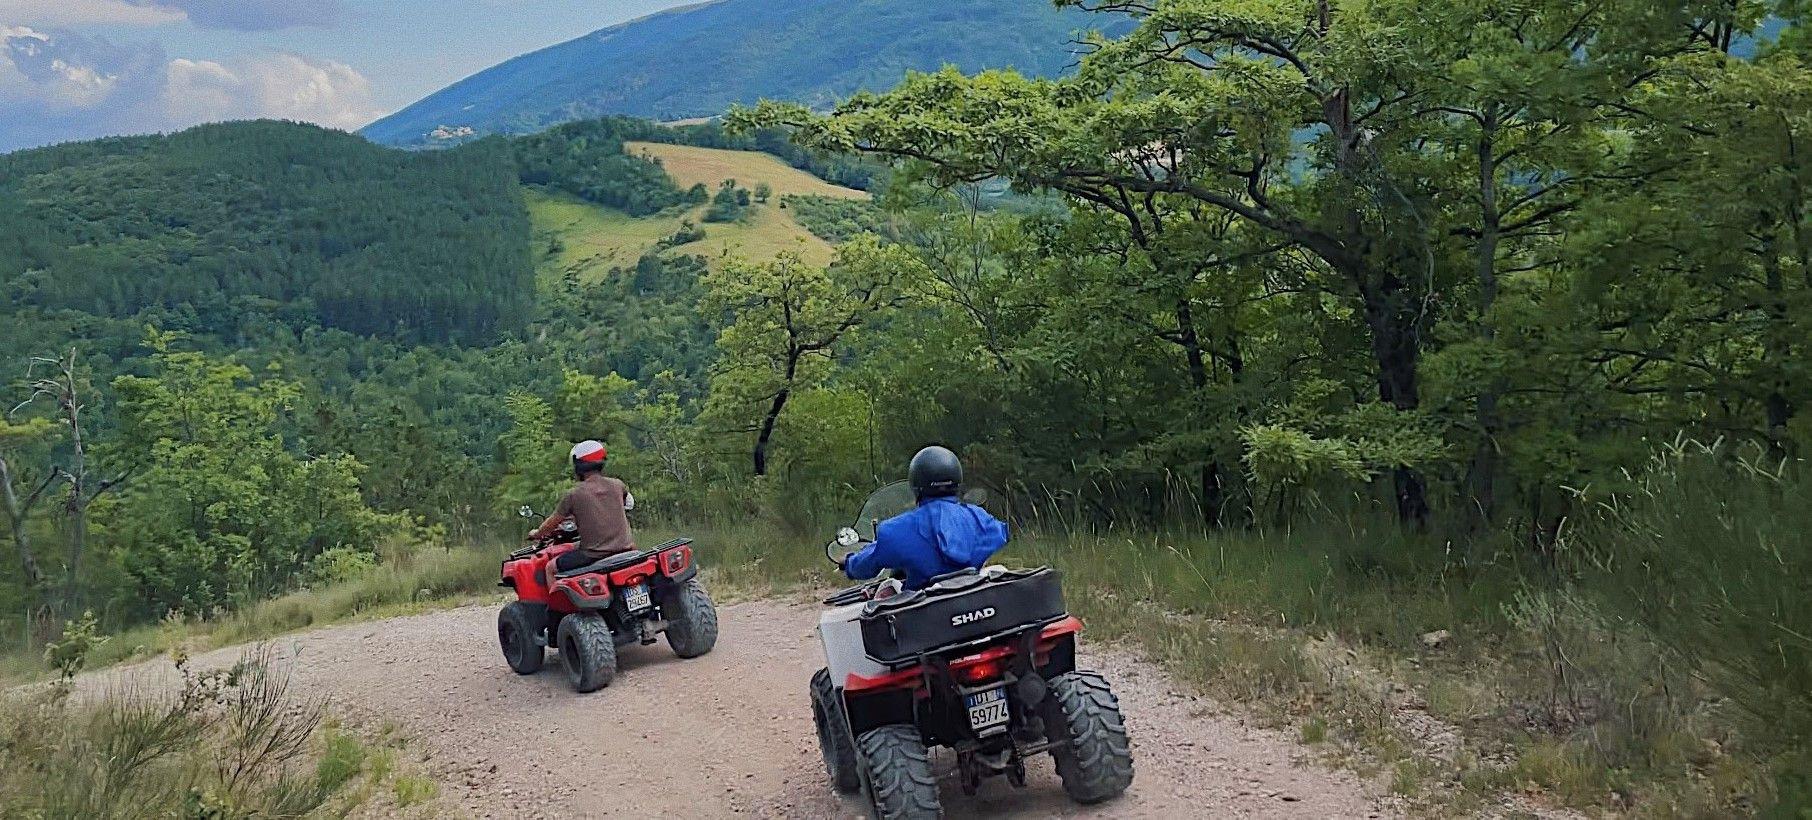 Tour panoramico in quad ad Assisi